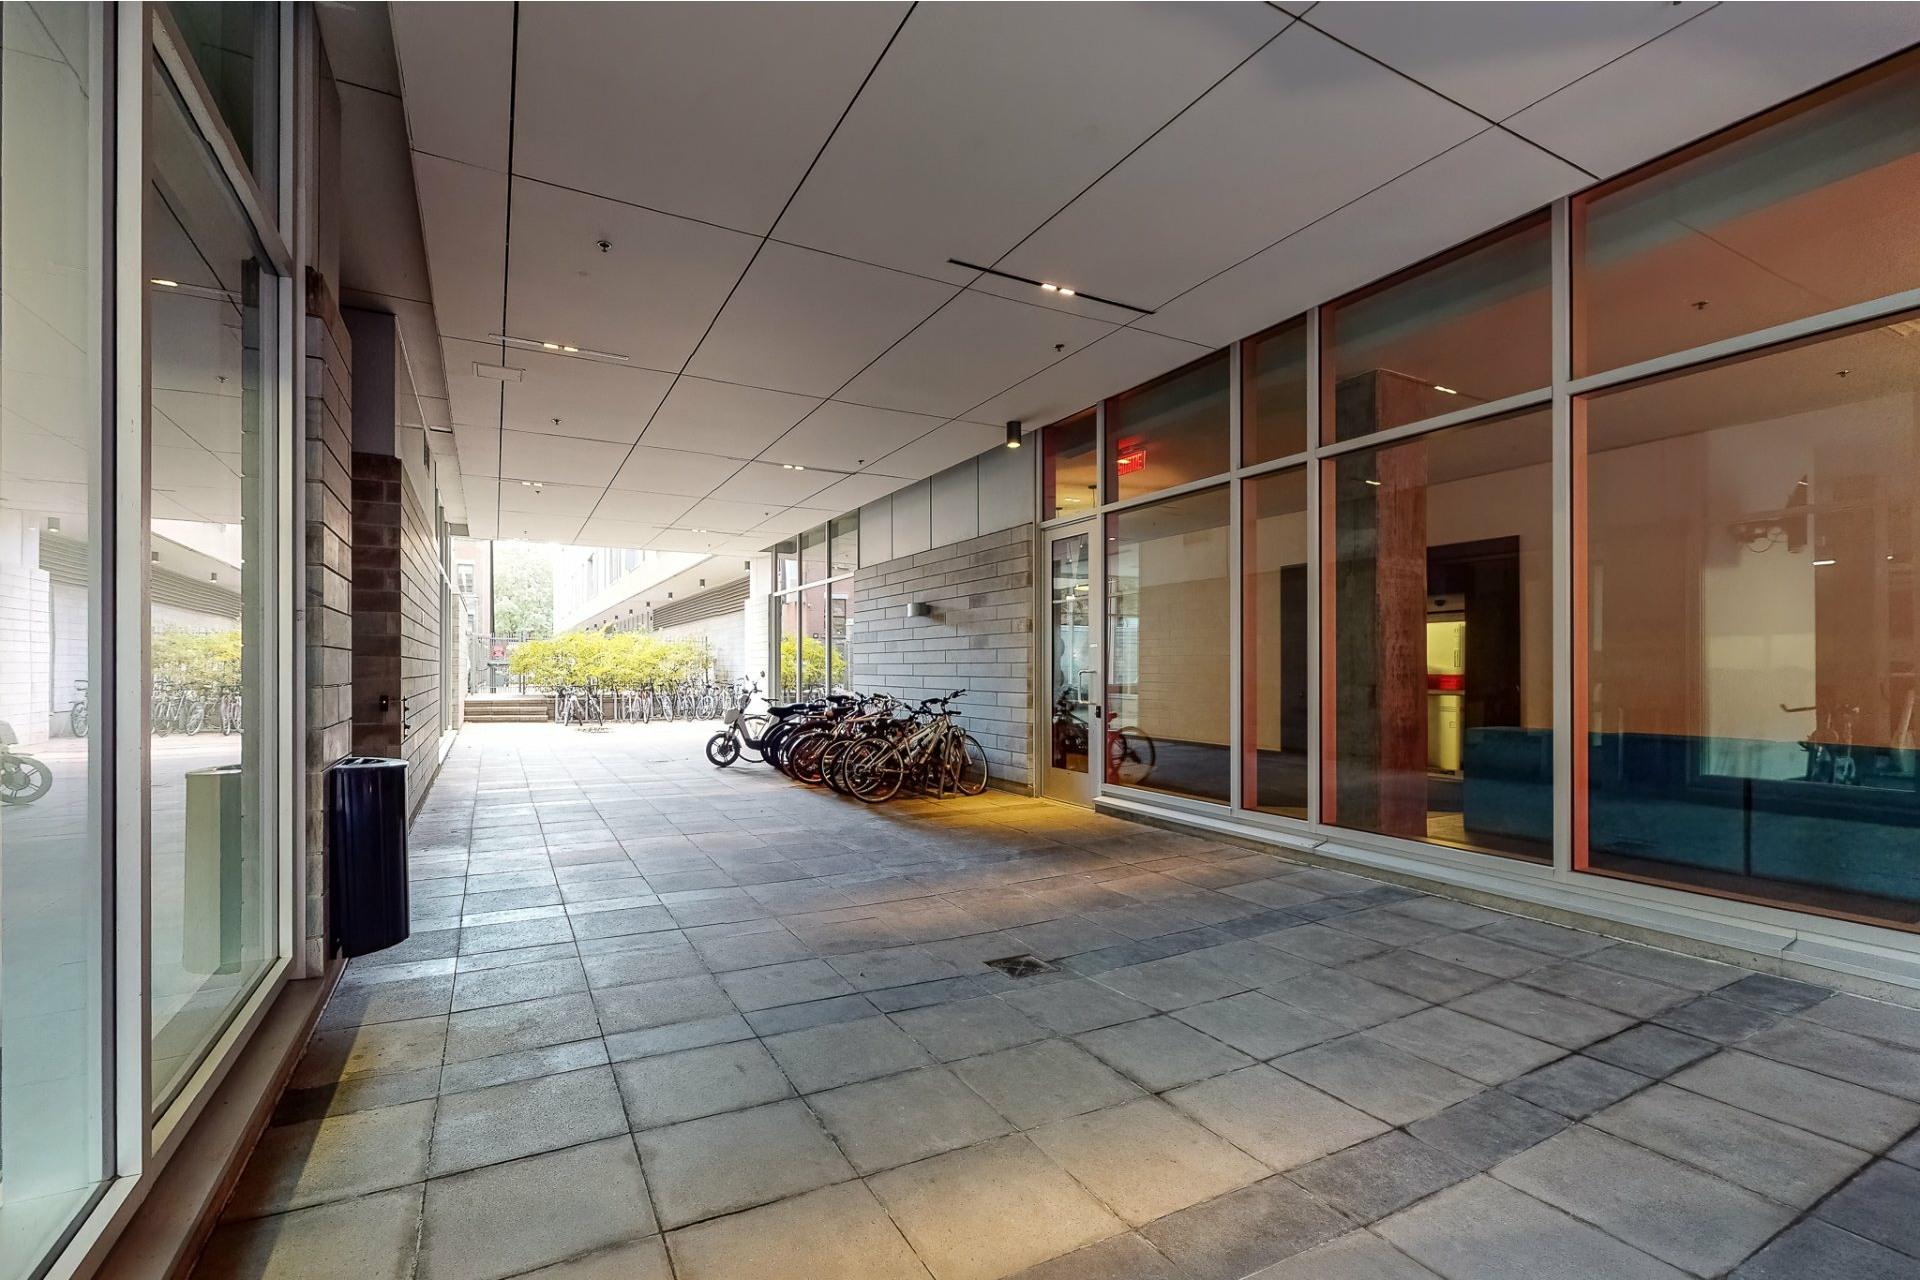 image 21 - Appartement À vendre Ville-Marie Montréal  - 2 pièces